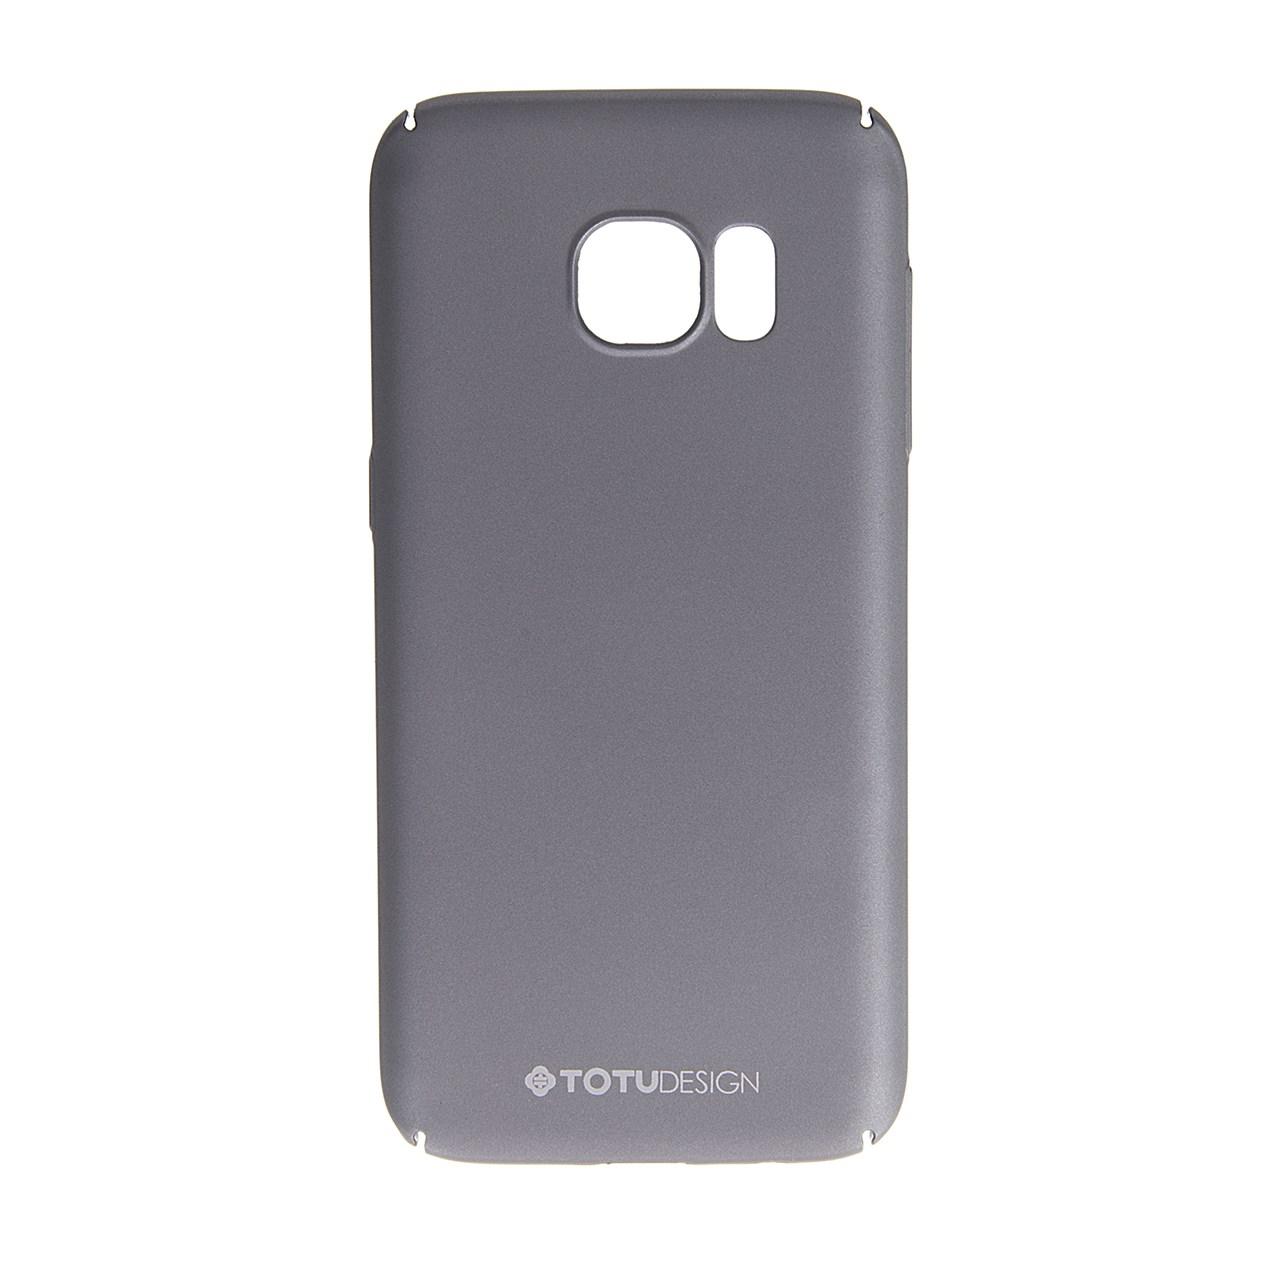 کاور توتو مدل Color مناسب برای گوشی موبایل سامسونگ Galaxy S7